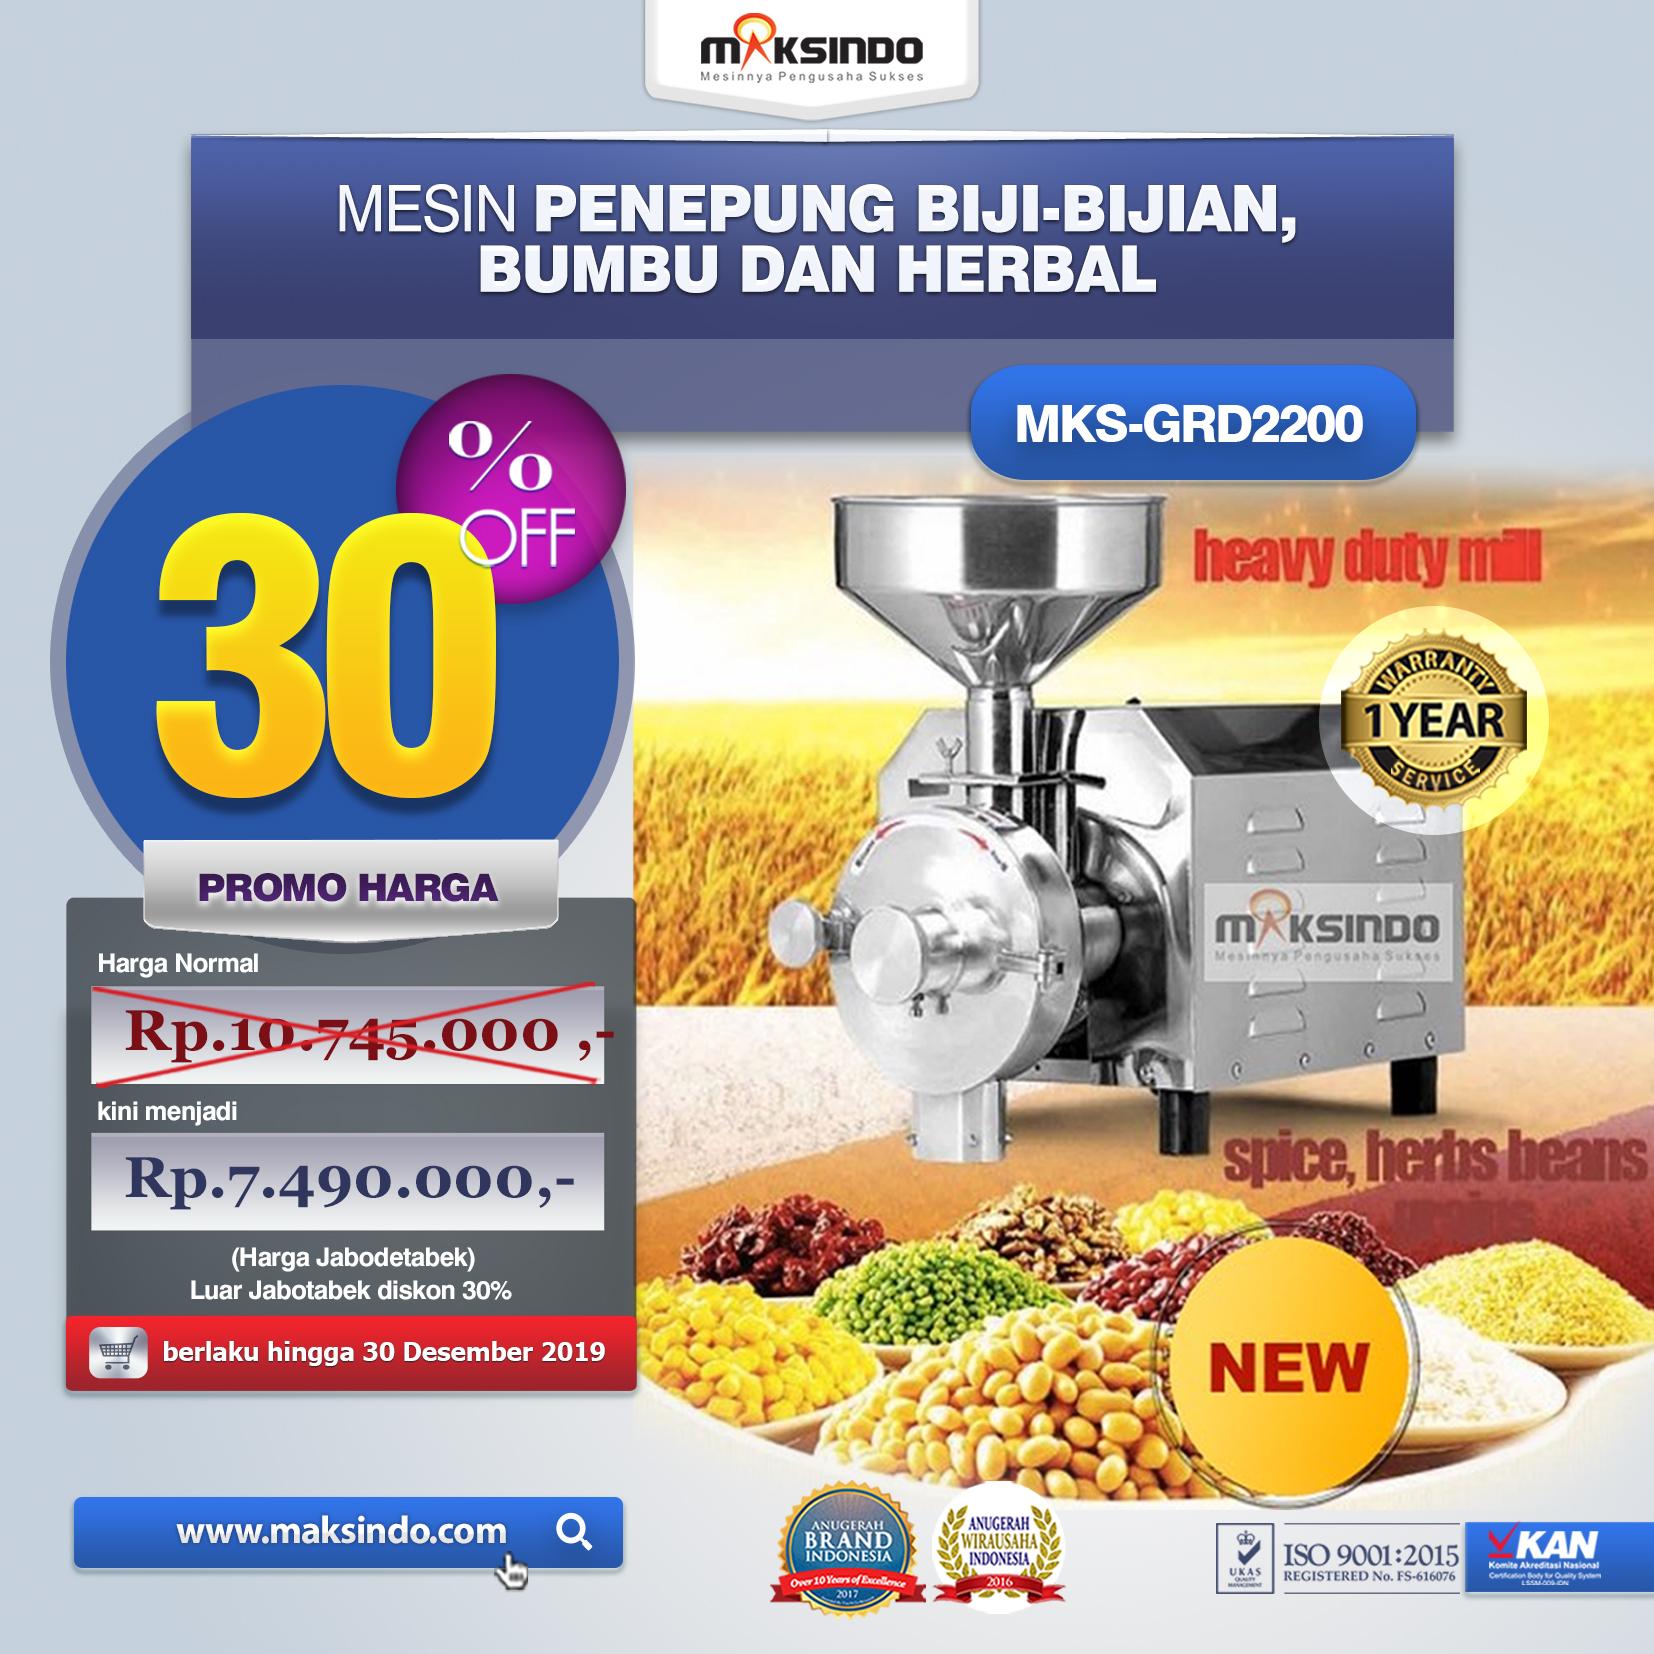 MKS GRD2200 Mesin Penepung Biji bumbu dan herbal